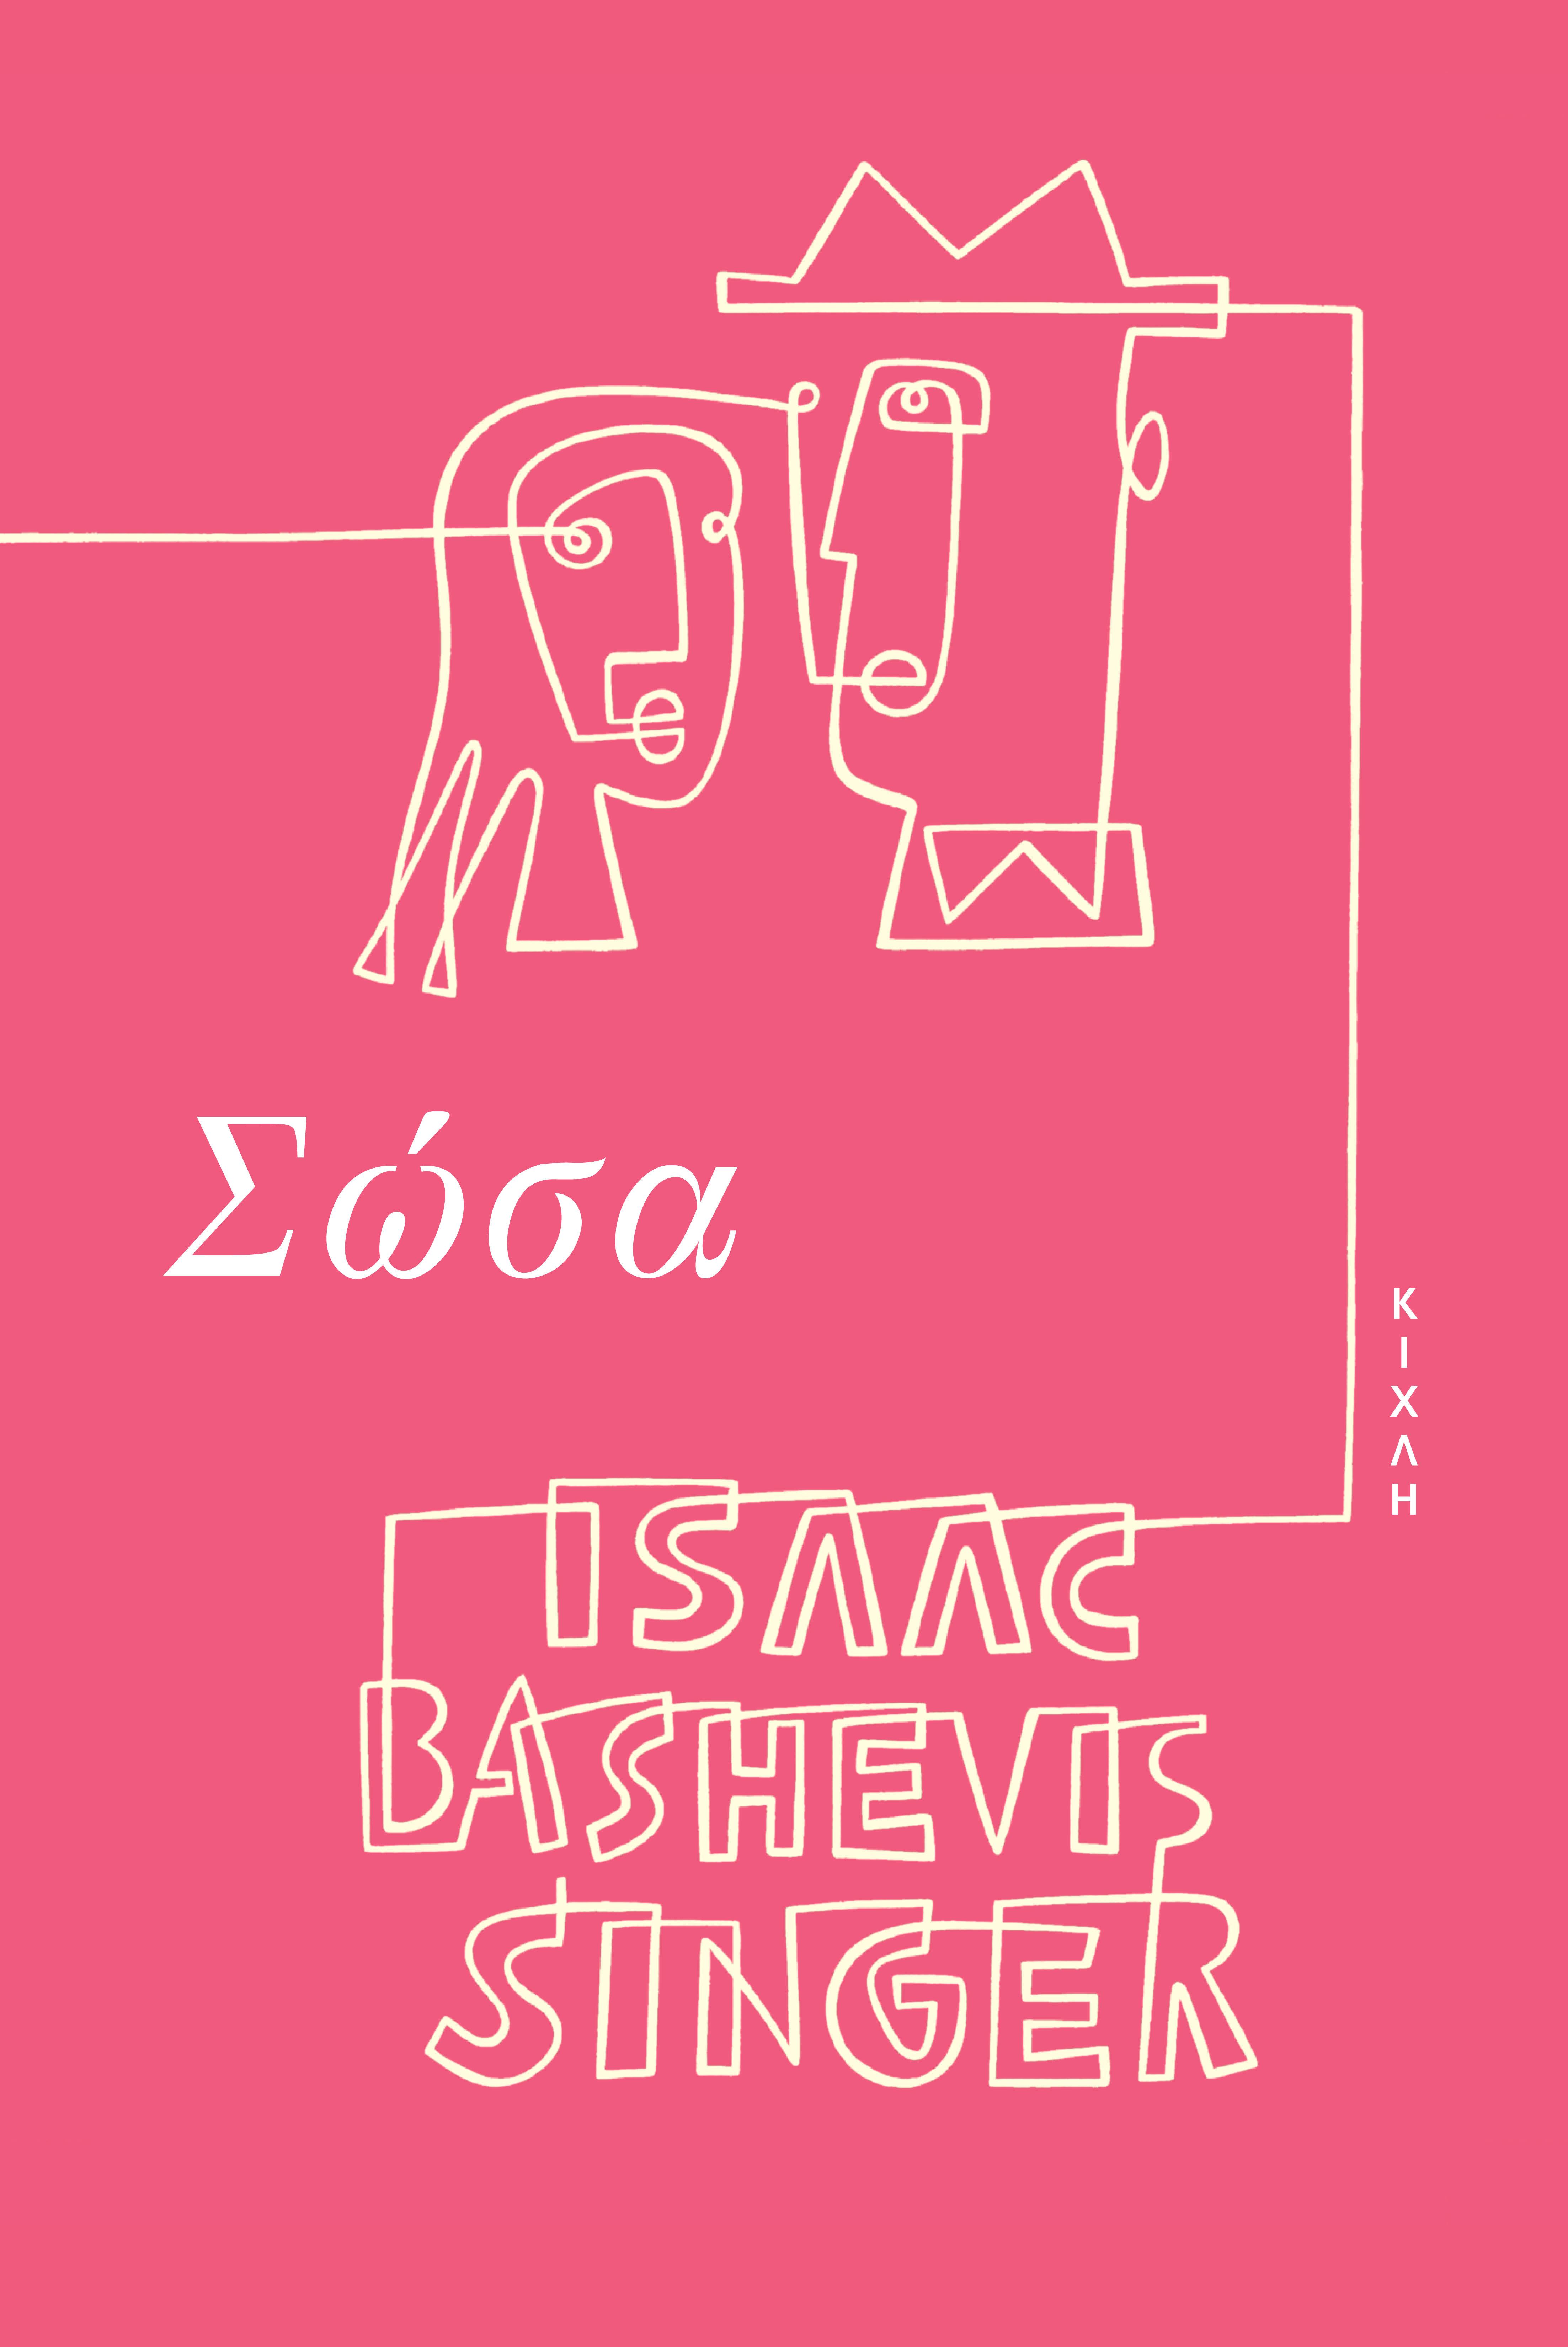 «Σώσα» του Ισαάκ Μπάσεβις Σίνγκερ από τις εκδόσεις Κίχλη